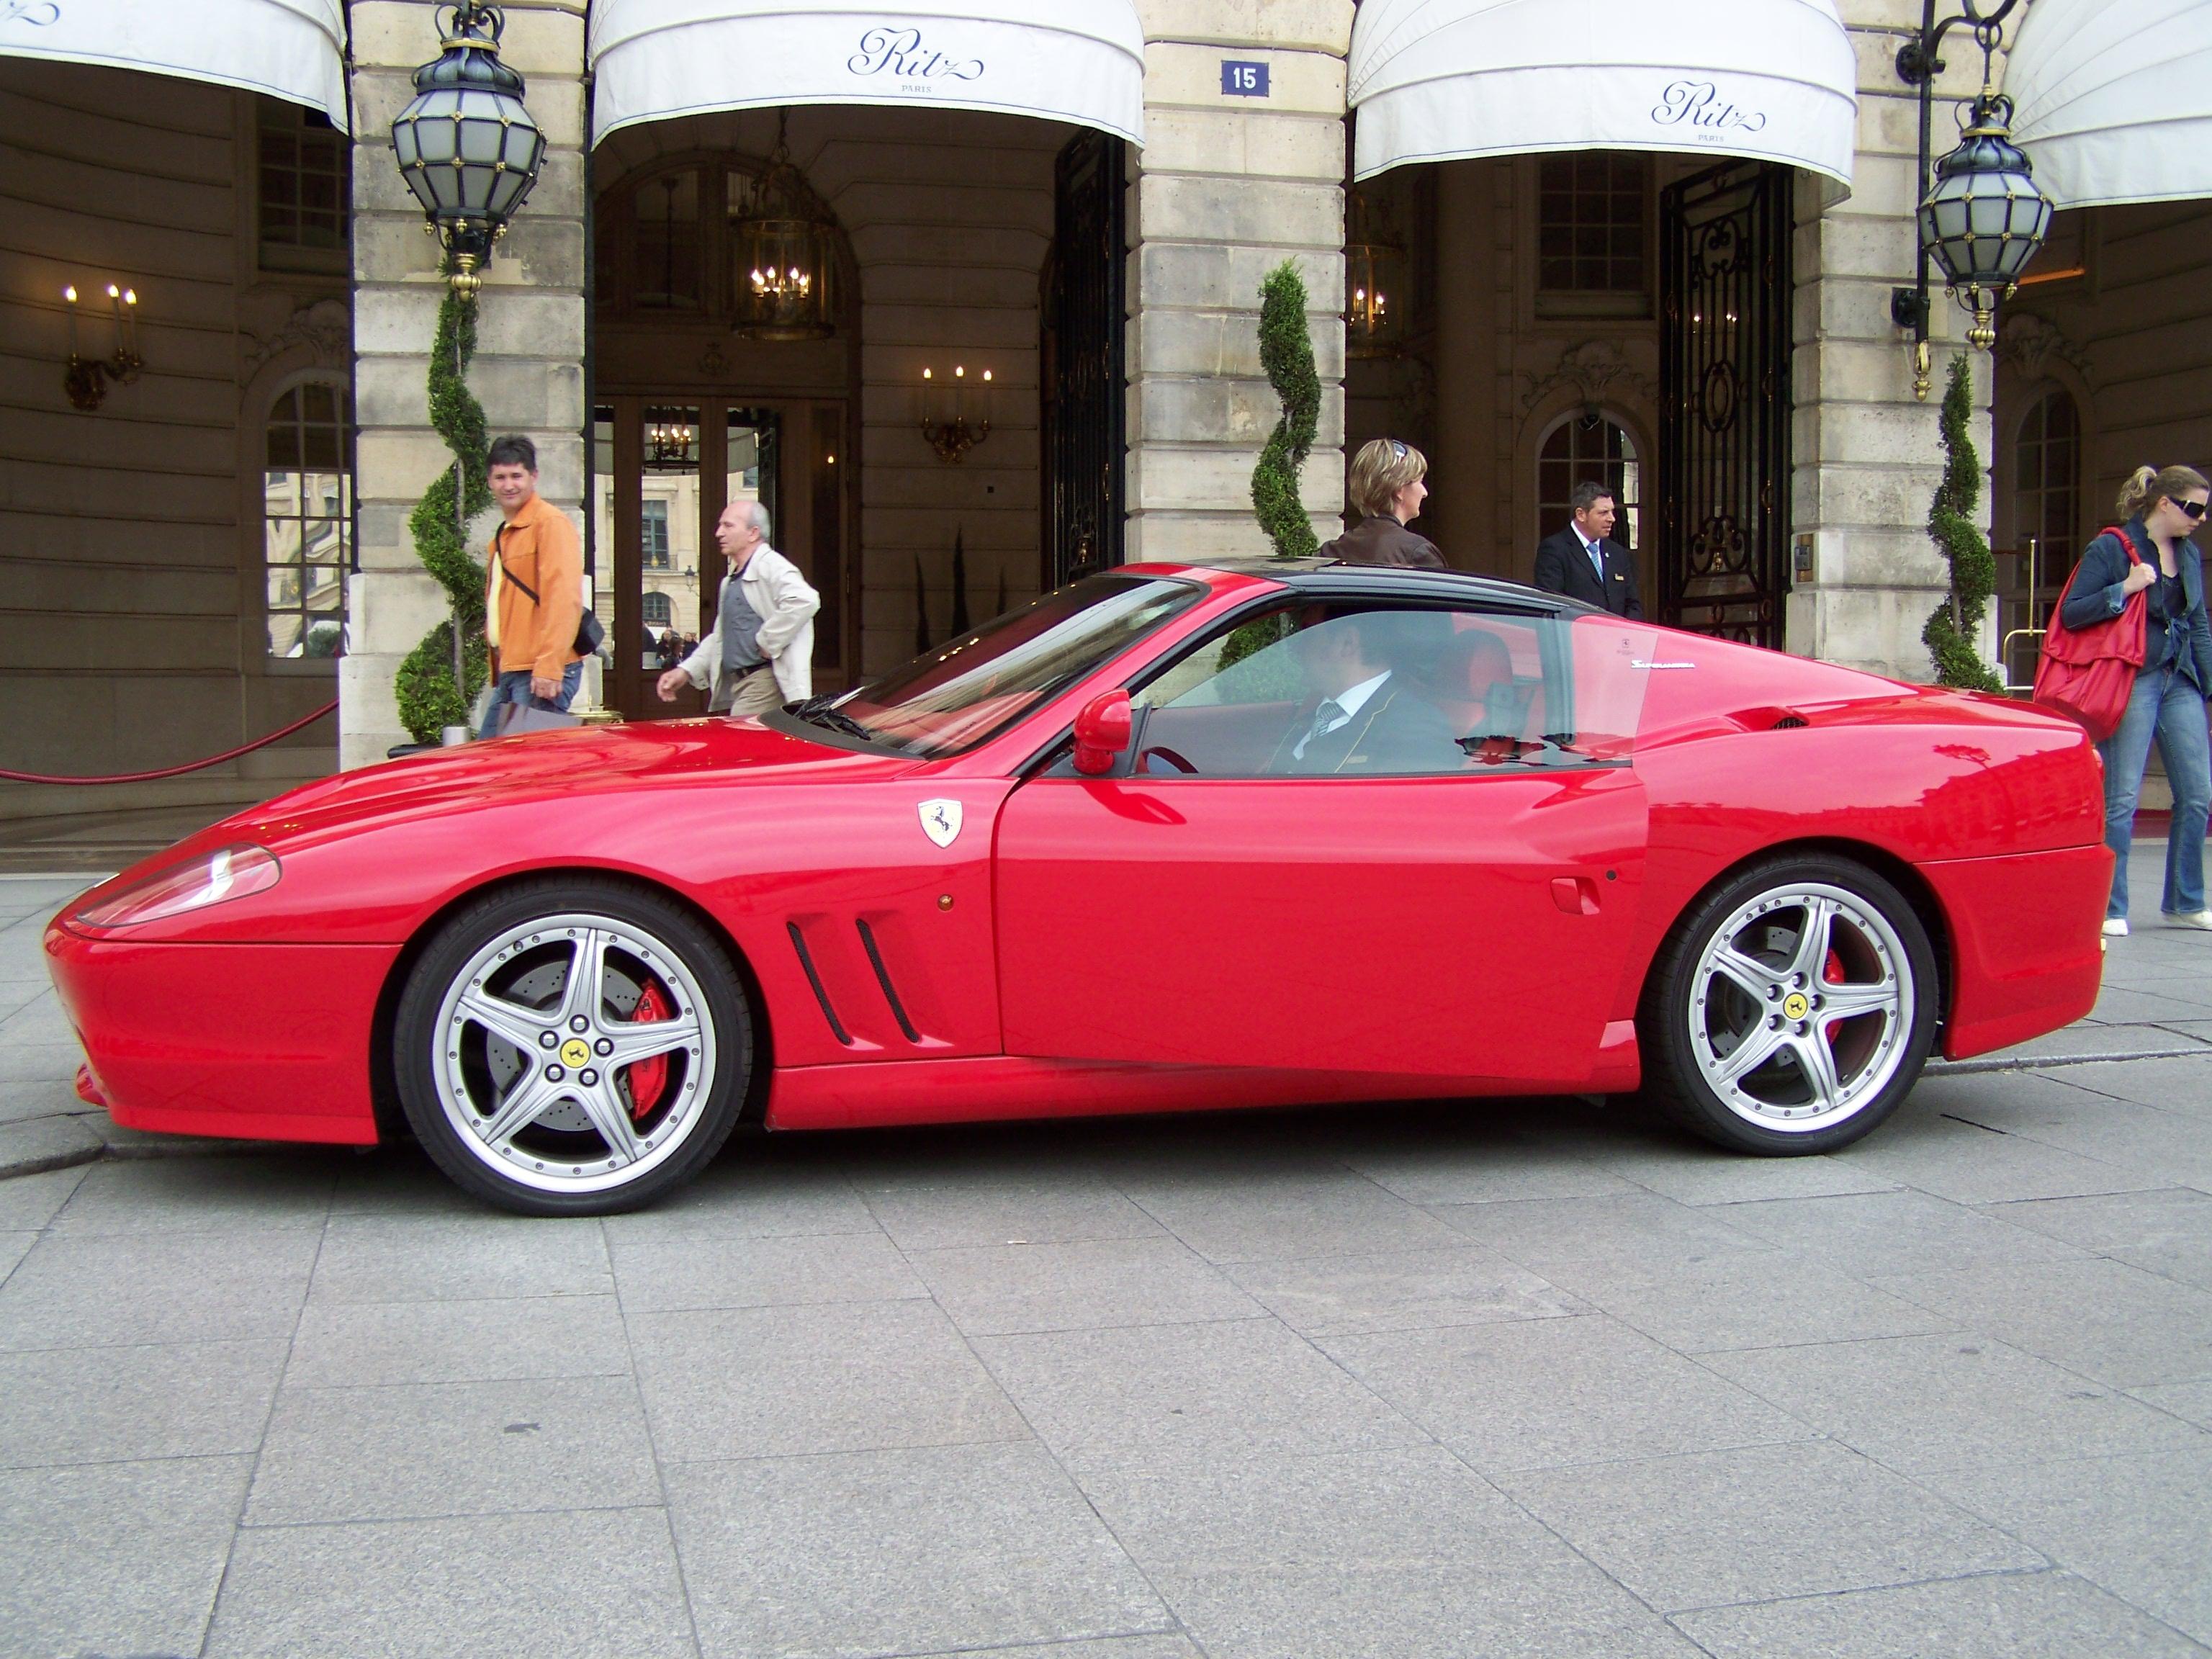 File:Ferrari 575 Superamerica.jpg